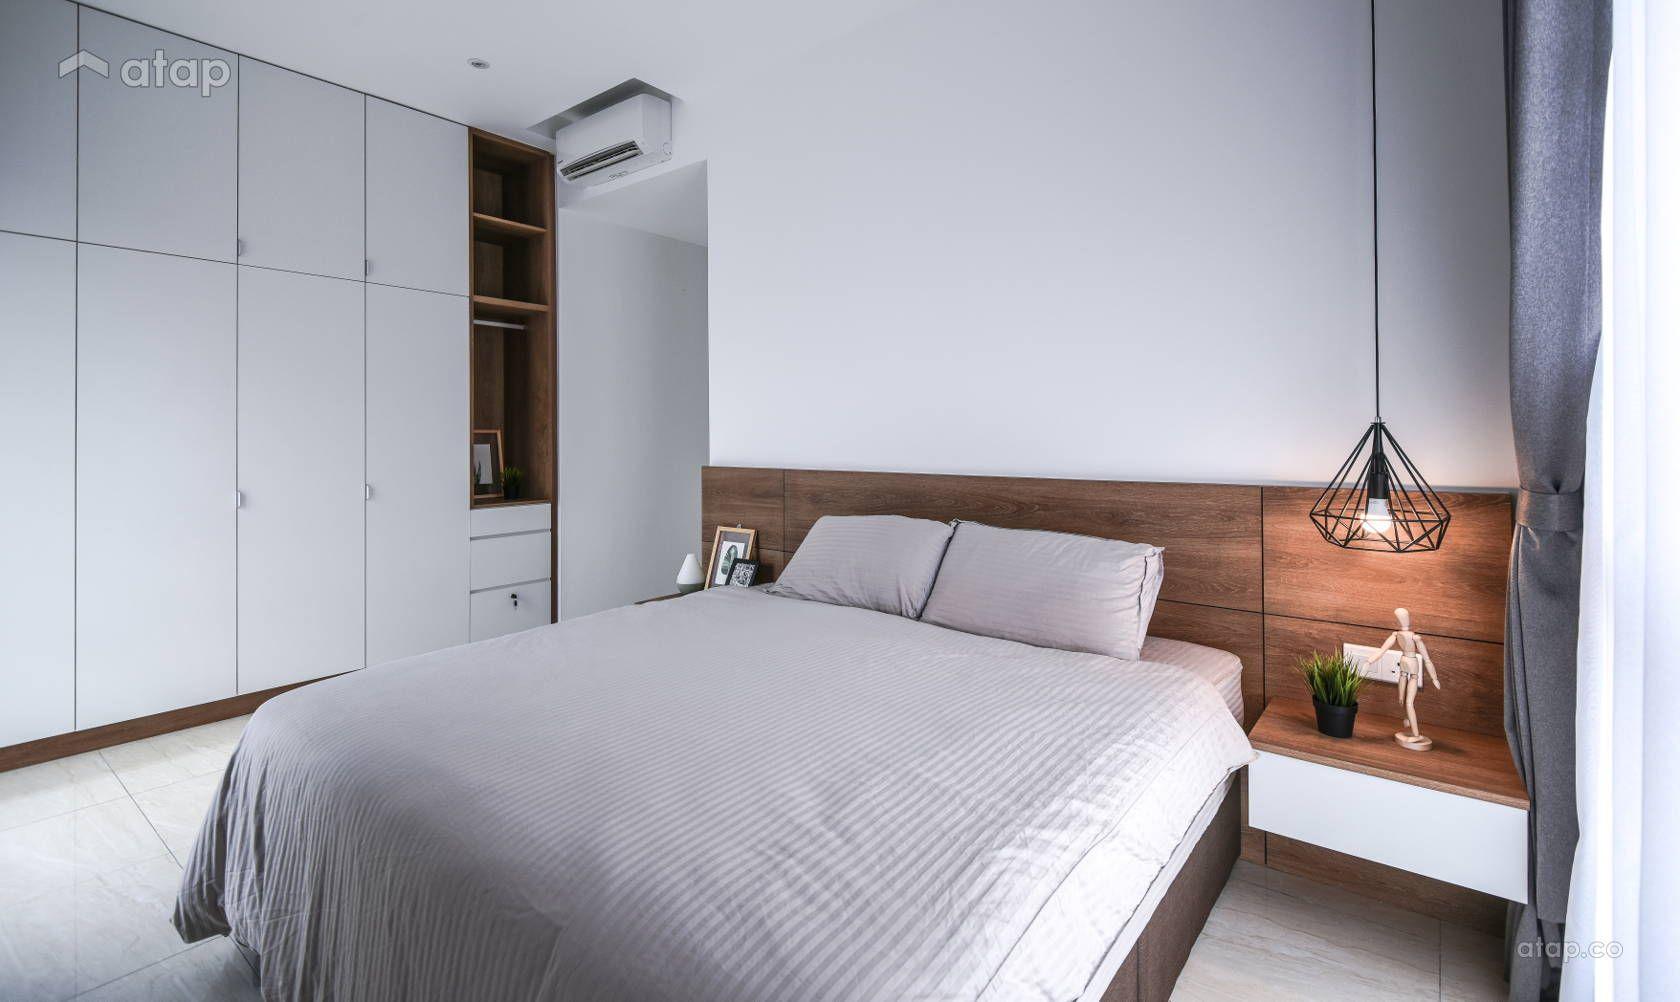 Pleasant Contemporary Minimalistic Bedroom Condominium Design Ideas Interior Design Ideas Gentotryabchikinfo